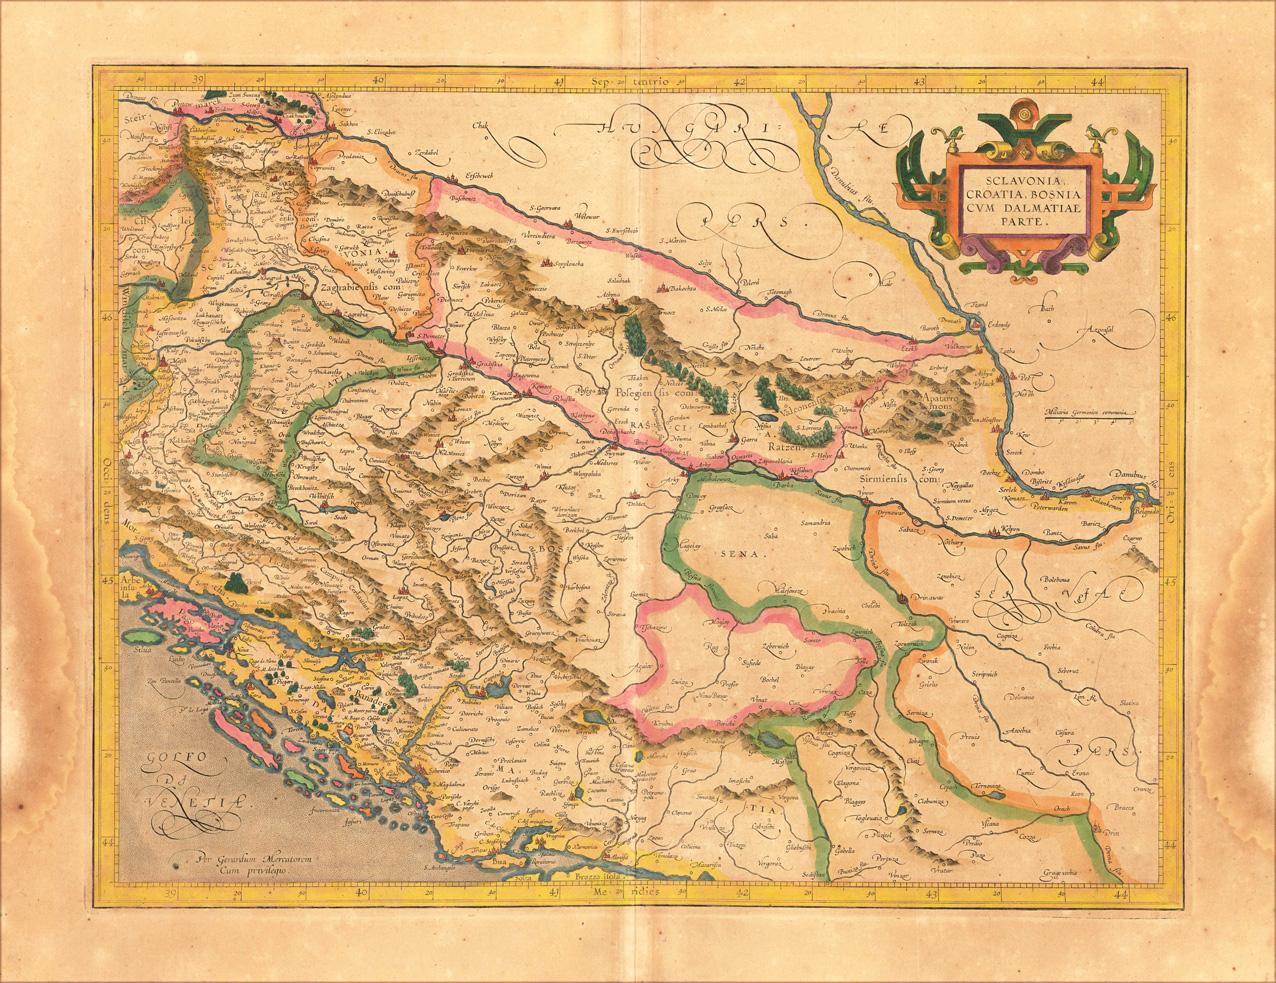 Granice Srbije i Kosova kroz vrijeme Sclavonia_Croatia_Bosnia_Dalmatia_1609